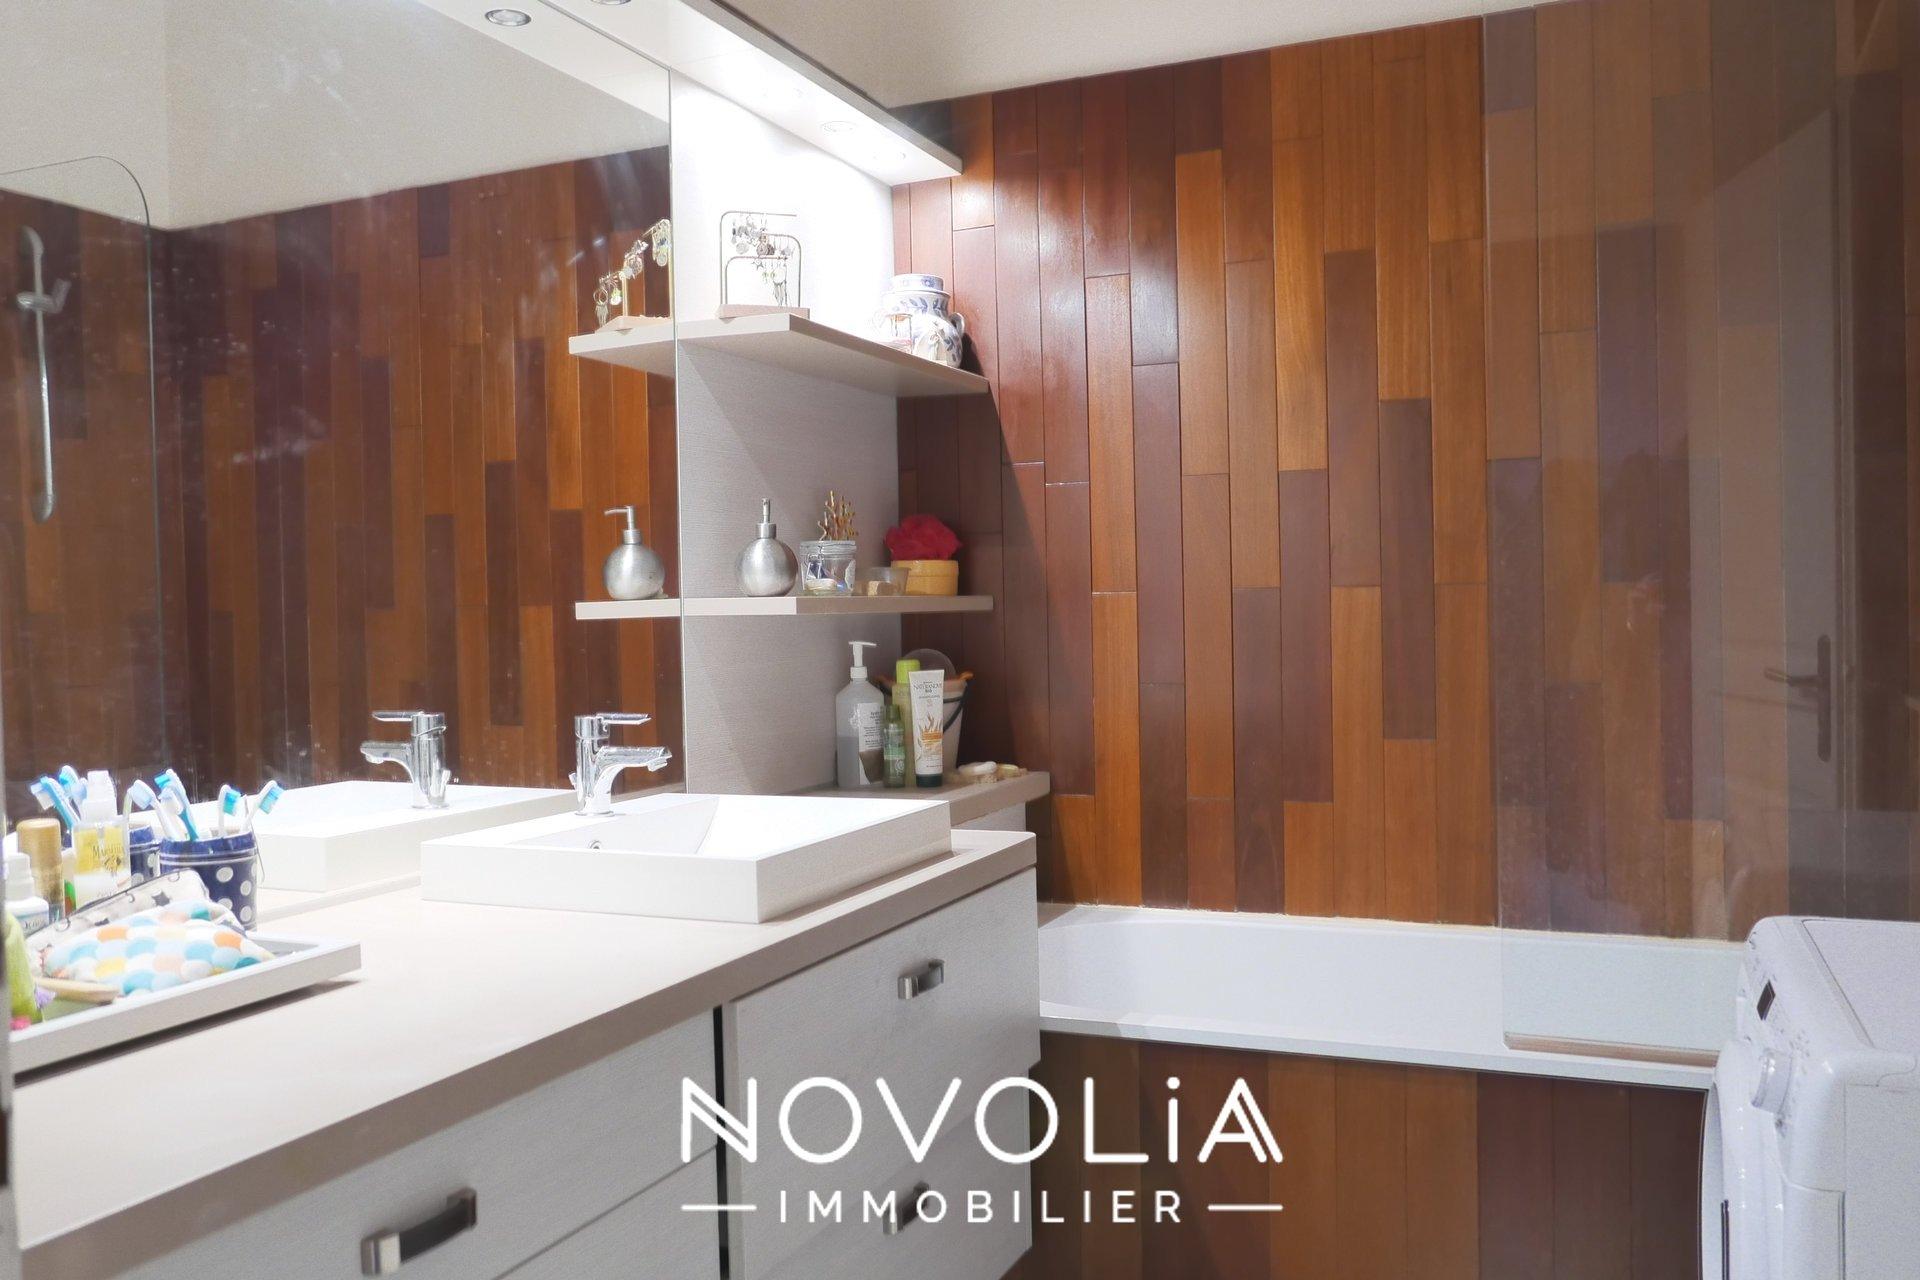 Achat Appartement, Surface de 94 m²/ Total carrez : 94 m², 4 pièces, Lyon 3ème (69003)